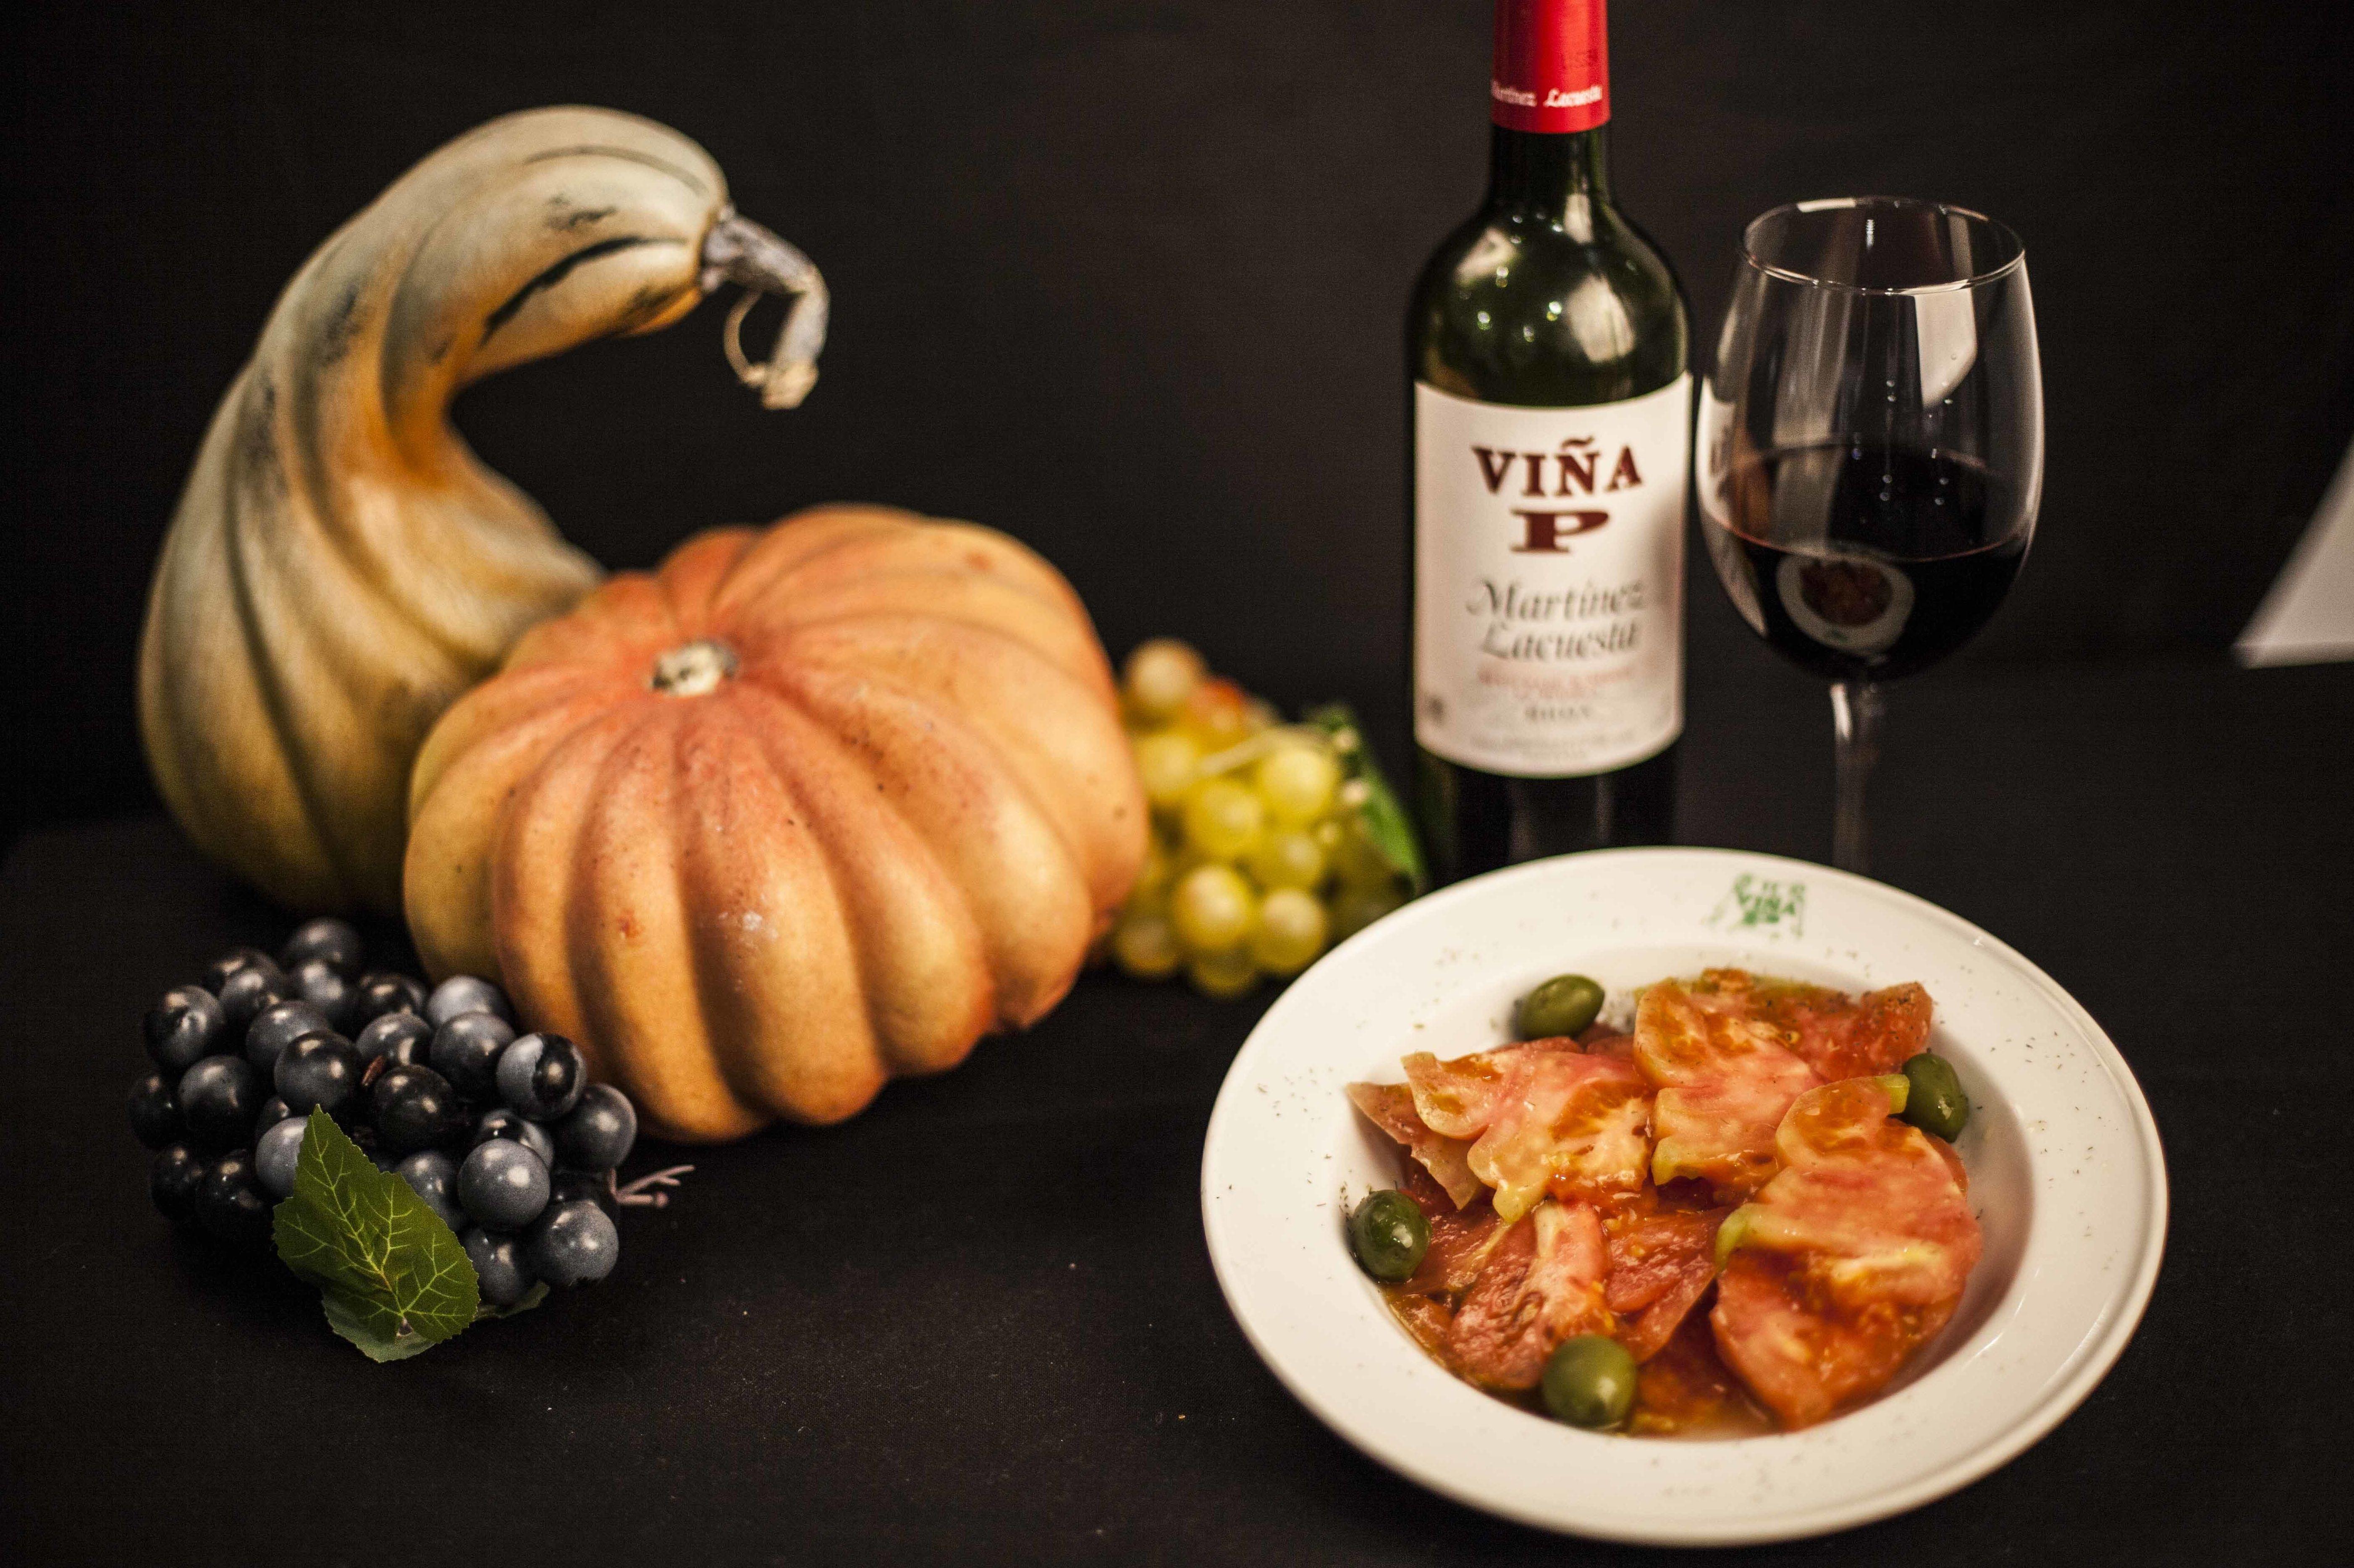 Foto 16 de Restaurante en Madrid | Restaurante Viña P